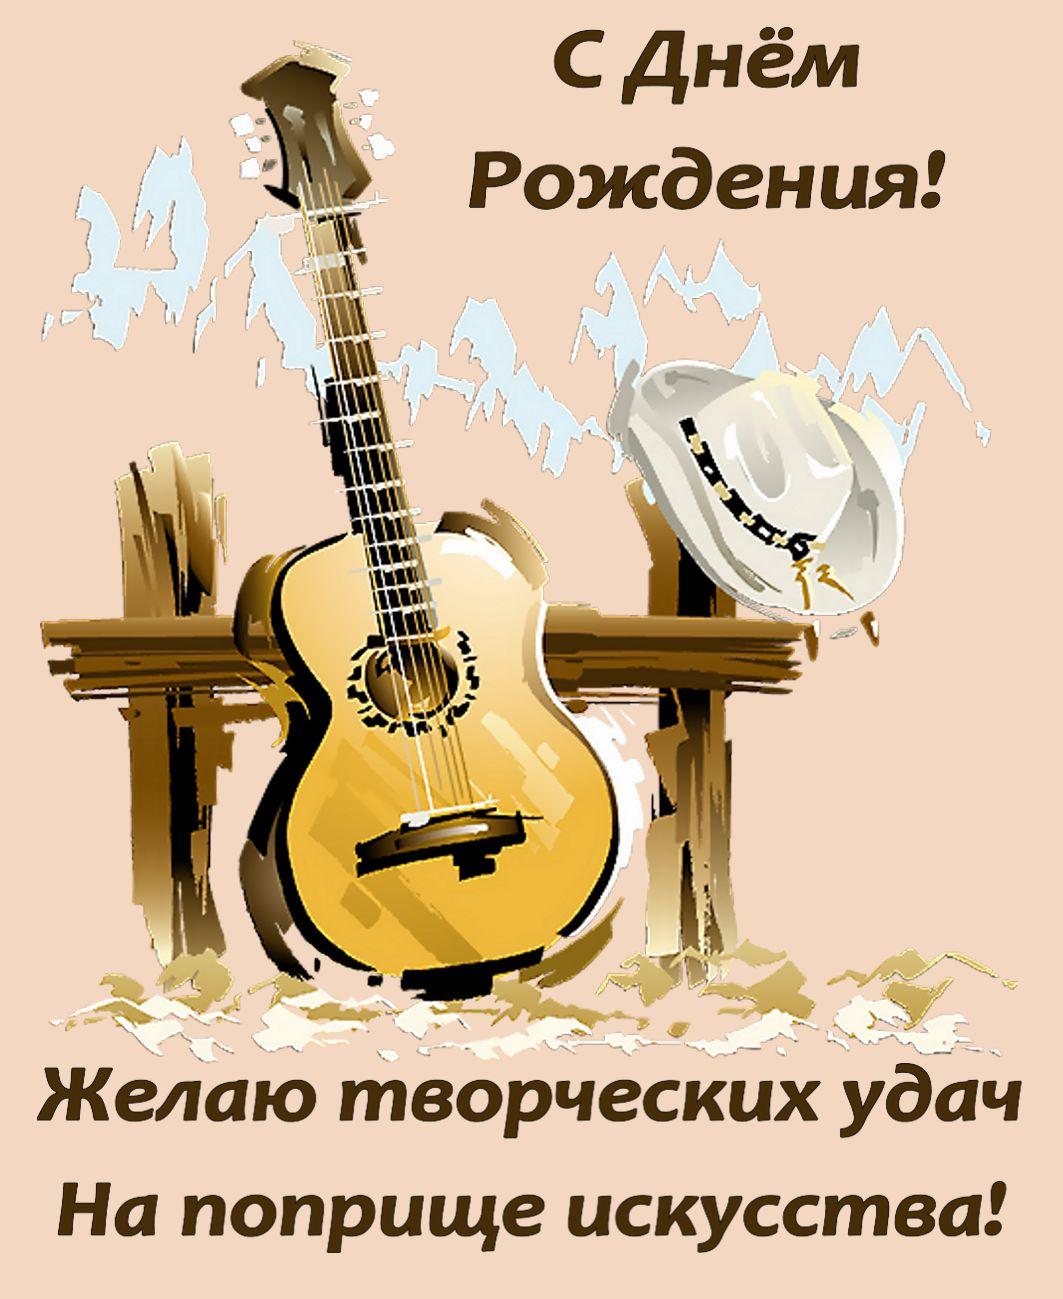 Поздравления с днем рождения гитаристу с днем рождения